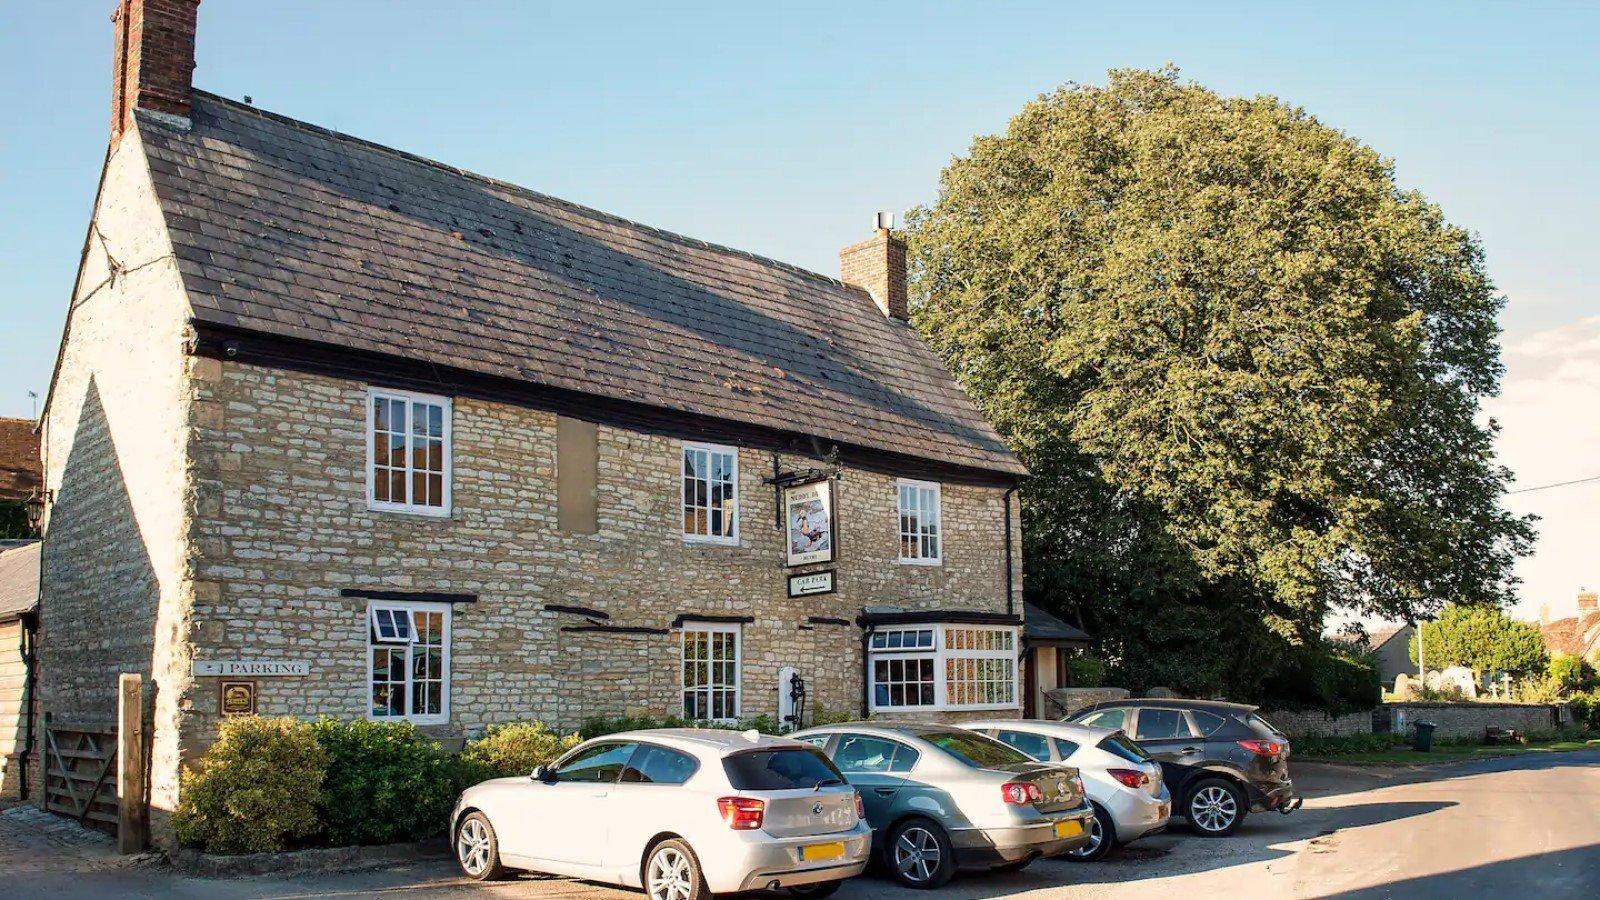 The Bottle & Glass Inn, Binfield Heath